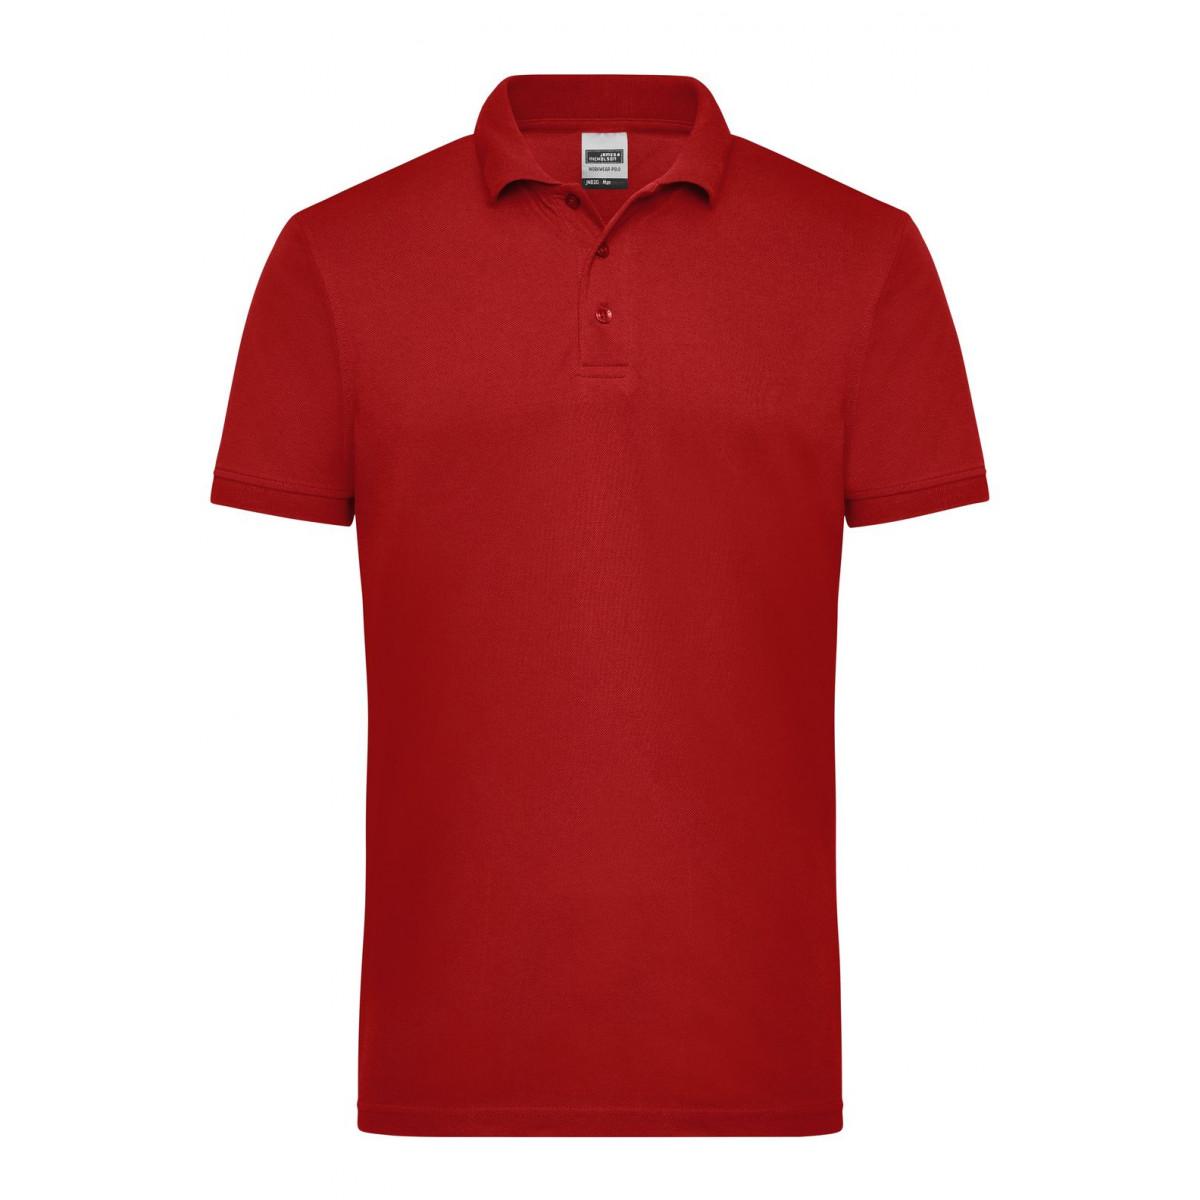 Рубашка поло мужская JN830 Mens Workwear Polo - Бордовый